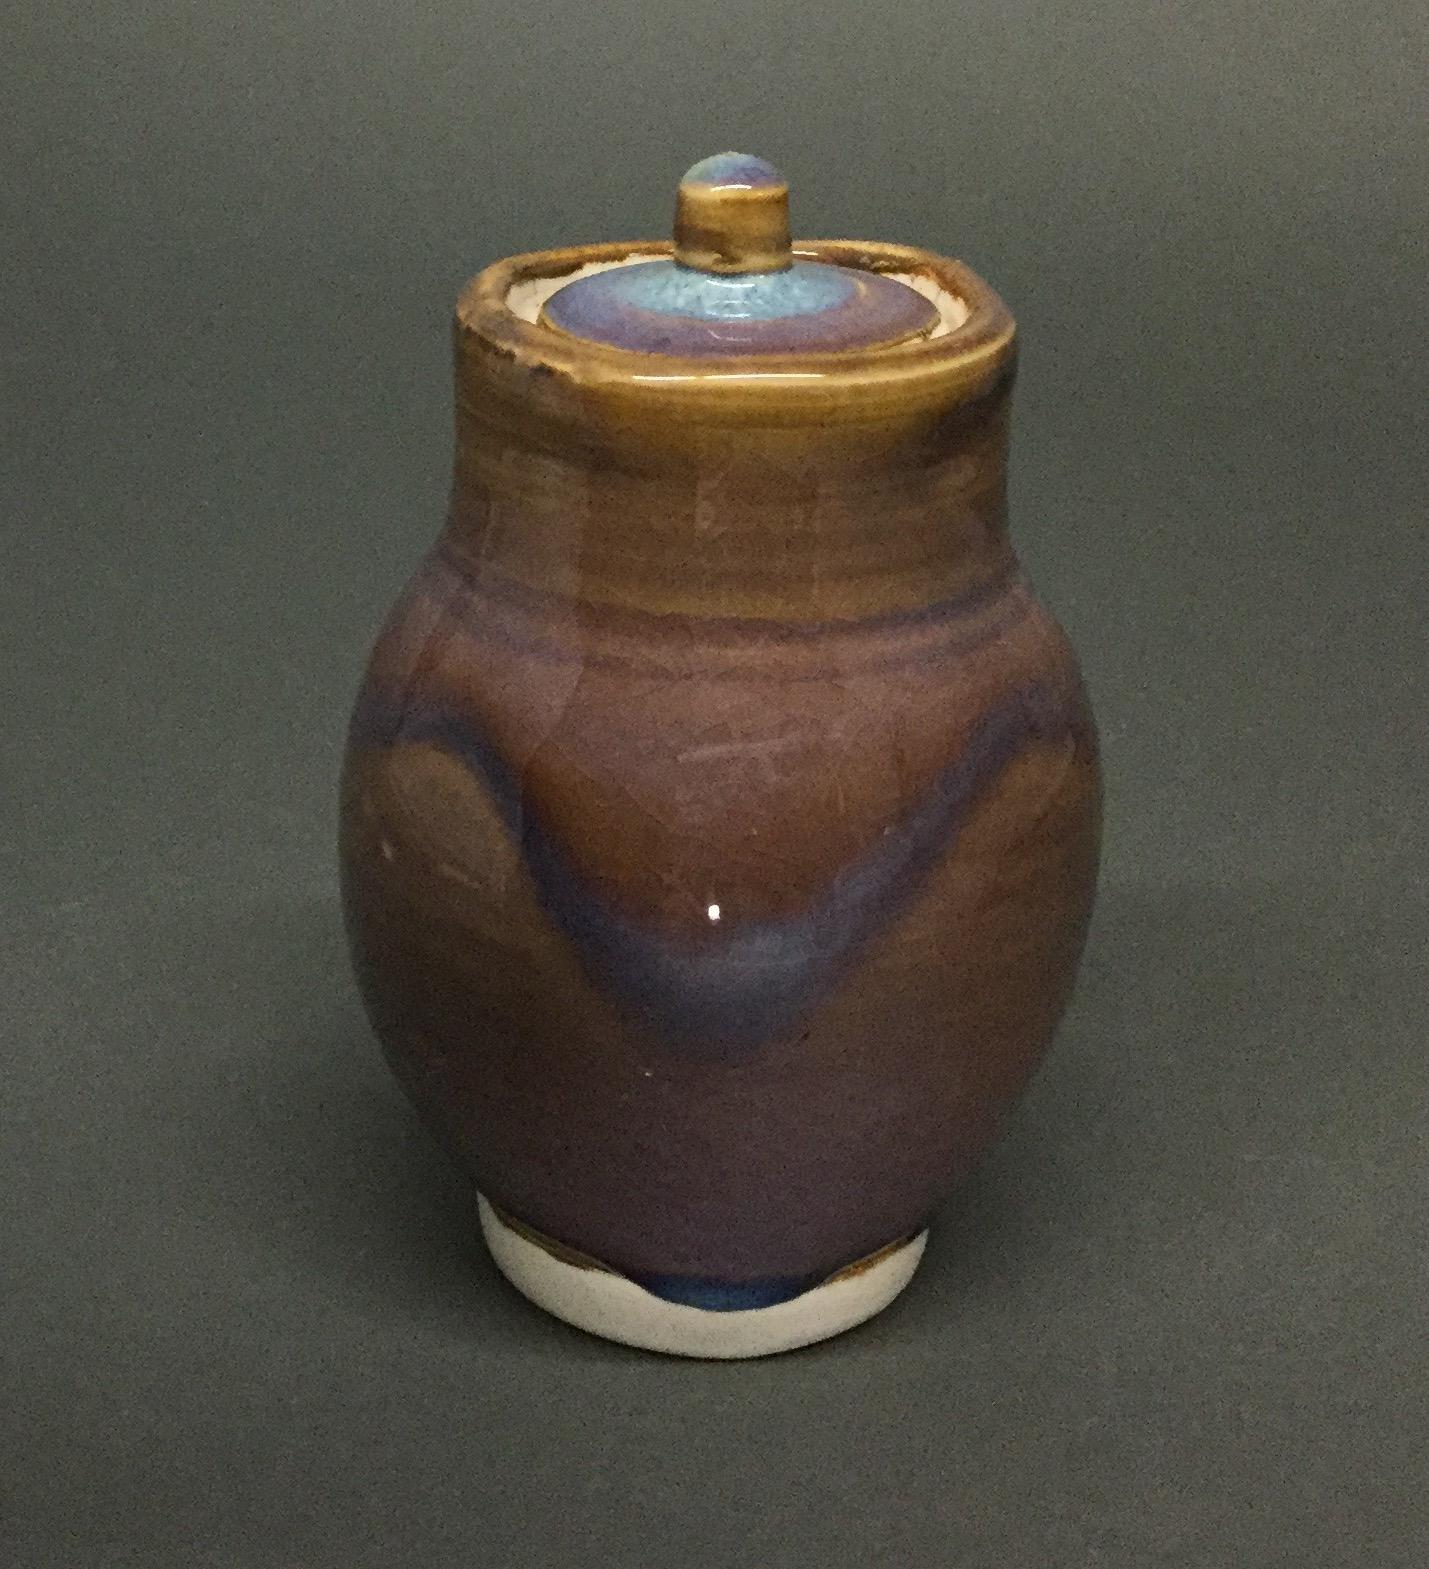 Porcelain-Jar-With-Lid_55362A.jpg